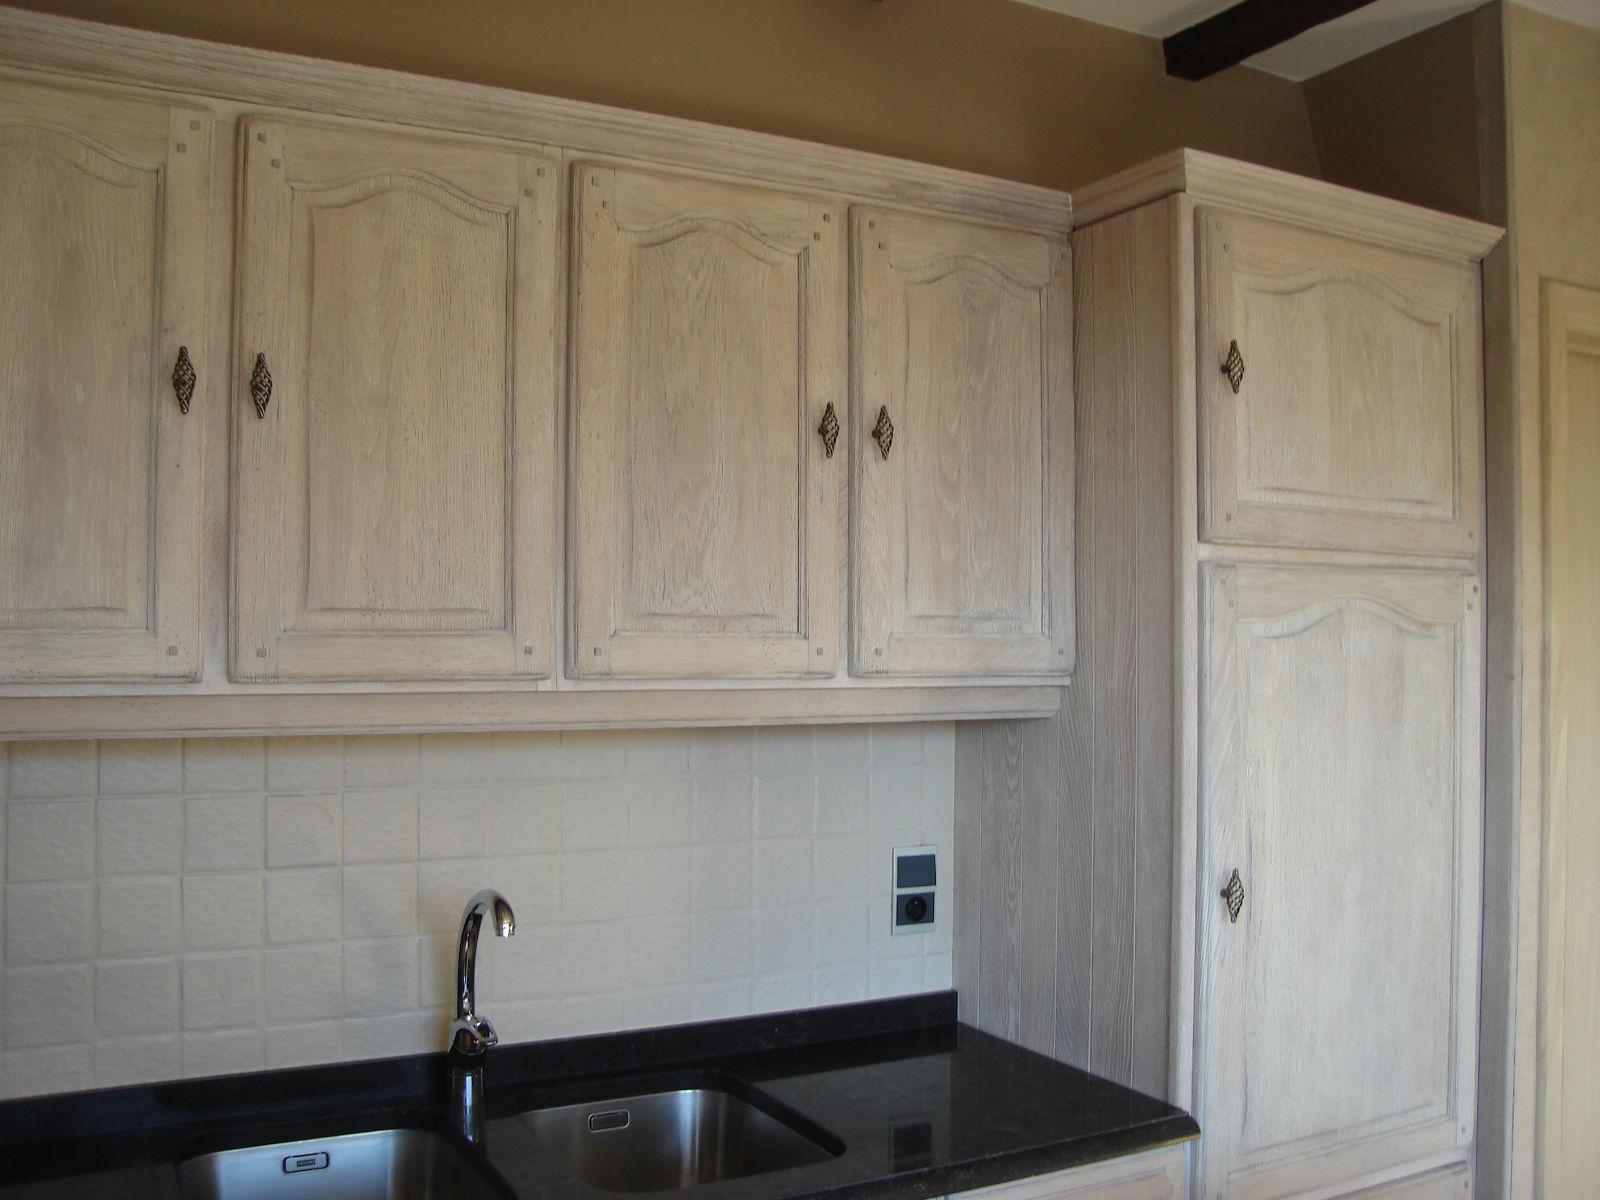 Werkblad Keuken Gamma : , zandstralen, beitsen, vernissen van keukens Meubelrenovatie